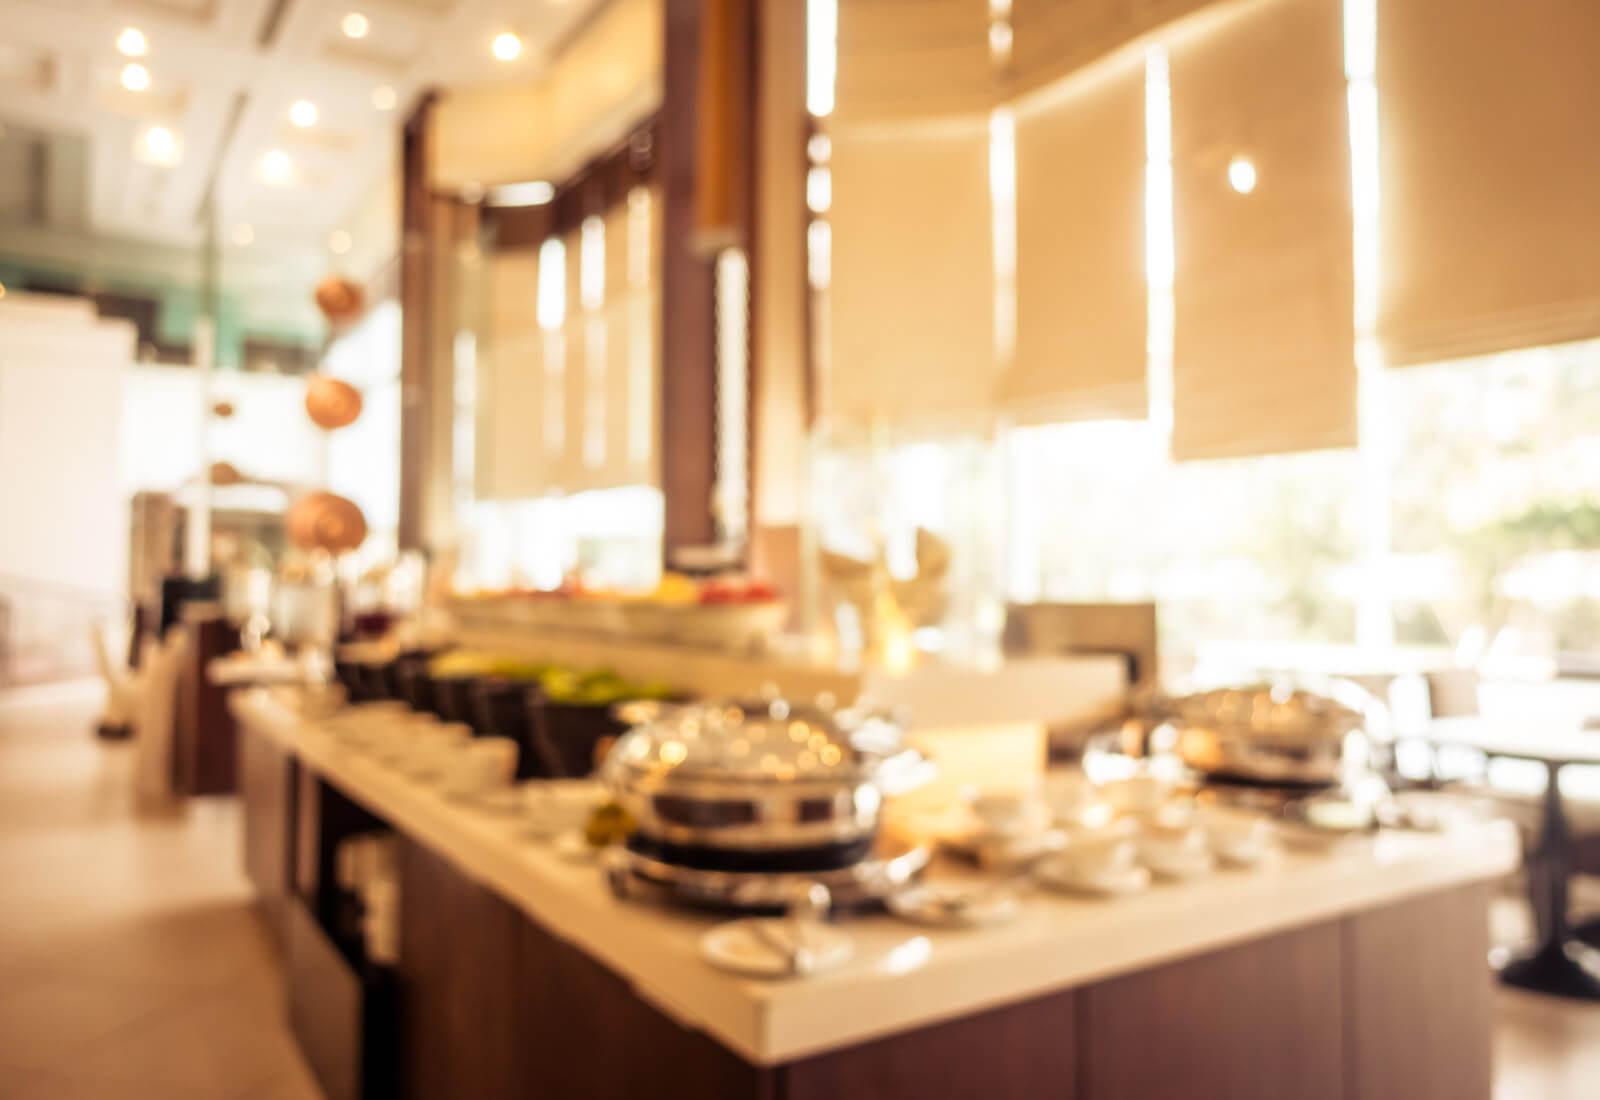 Glutenfreie Hotels weltweit - glutenfreien Urlaub bei weg.de buchen